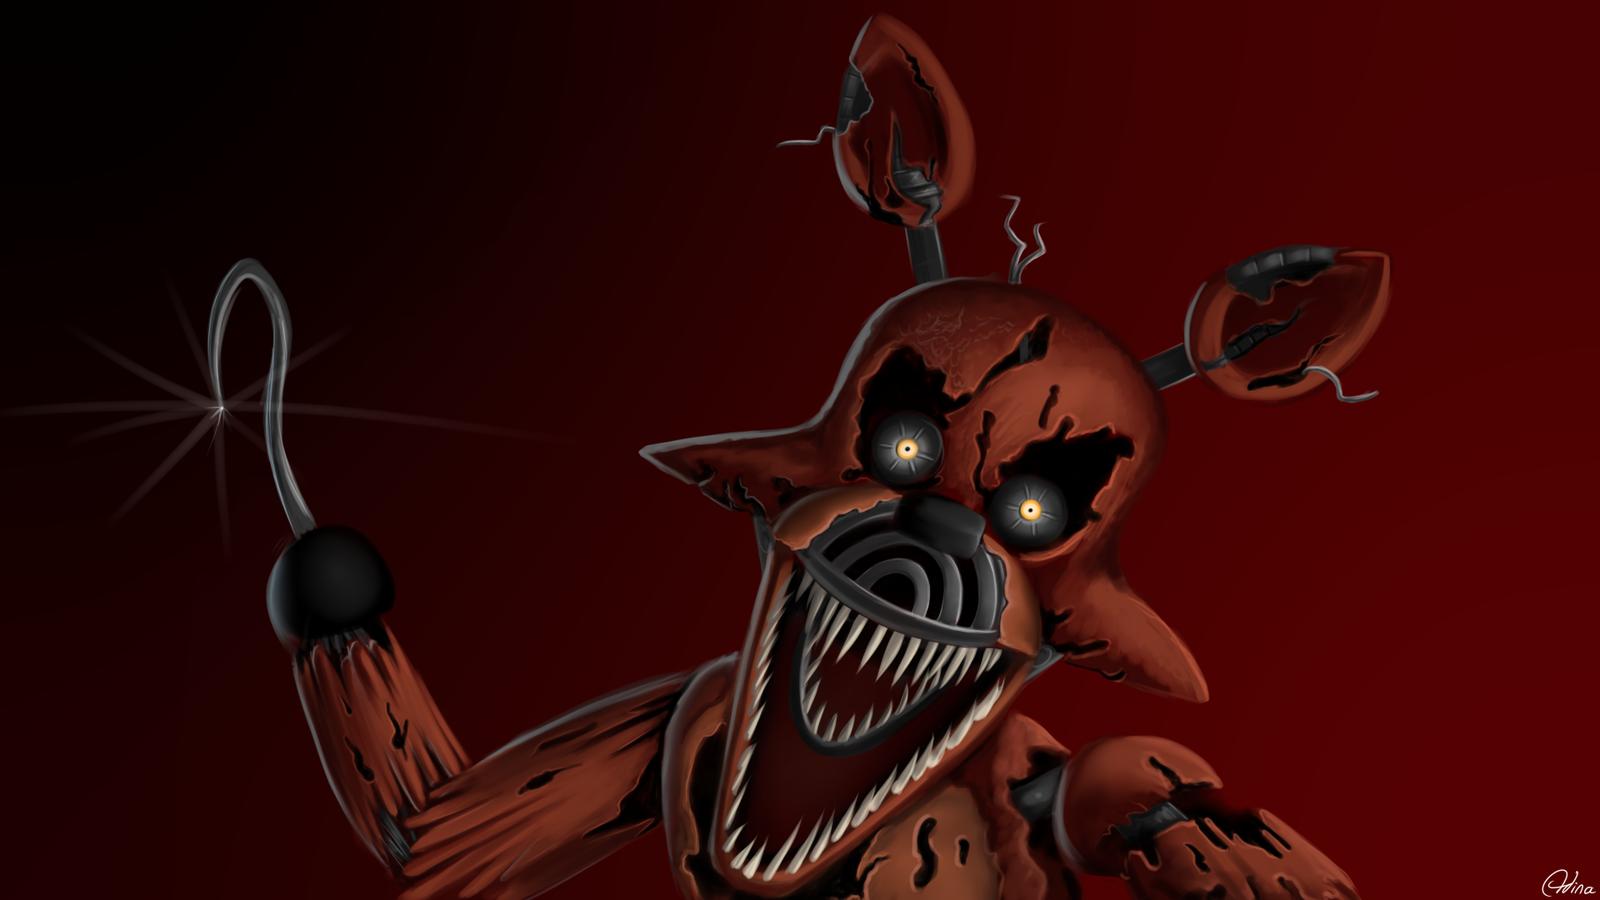 Nightmare foxy by luminousdazzle on deviantart